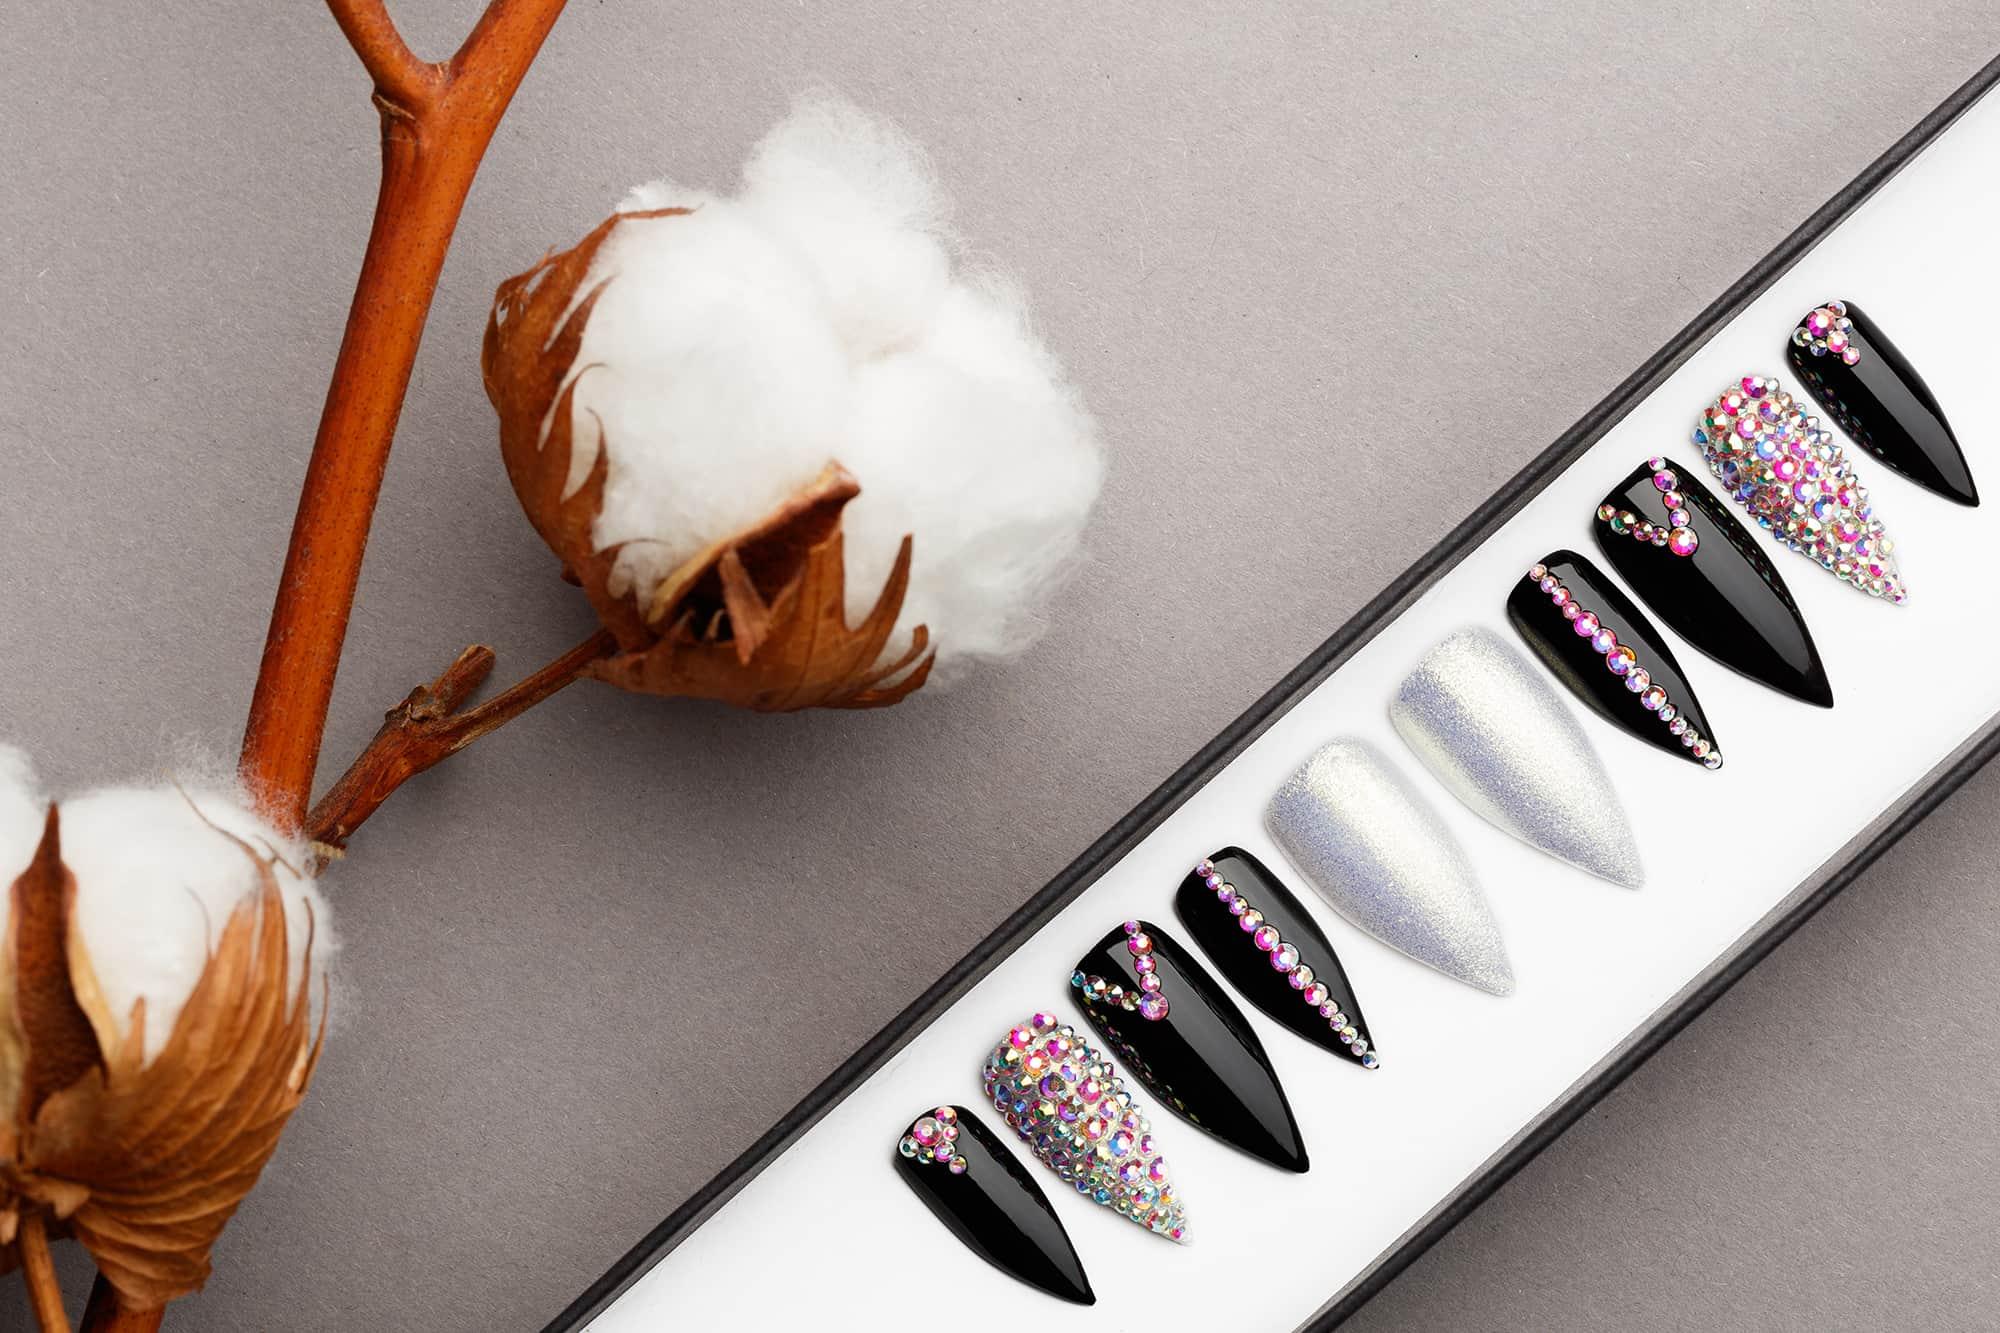 Princess Press on Nails with Swarovski Crystals   White Gold   Hand painted Nail Art   Fake Nails   False Nails